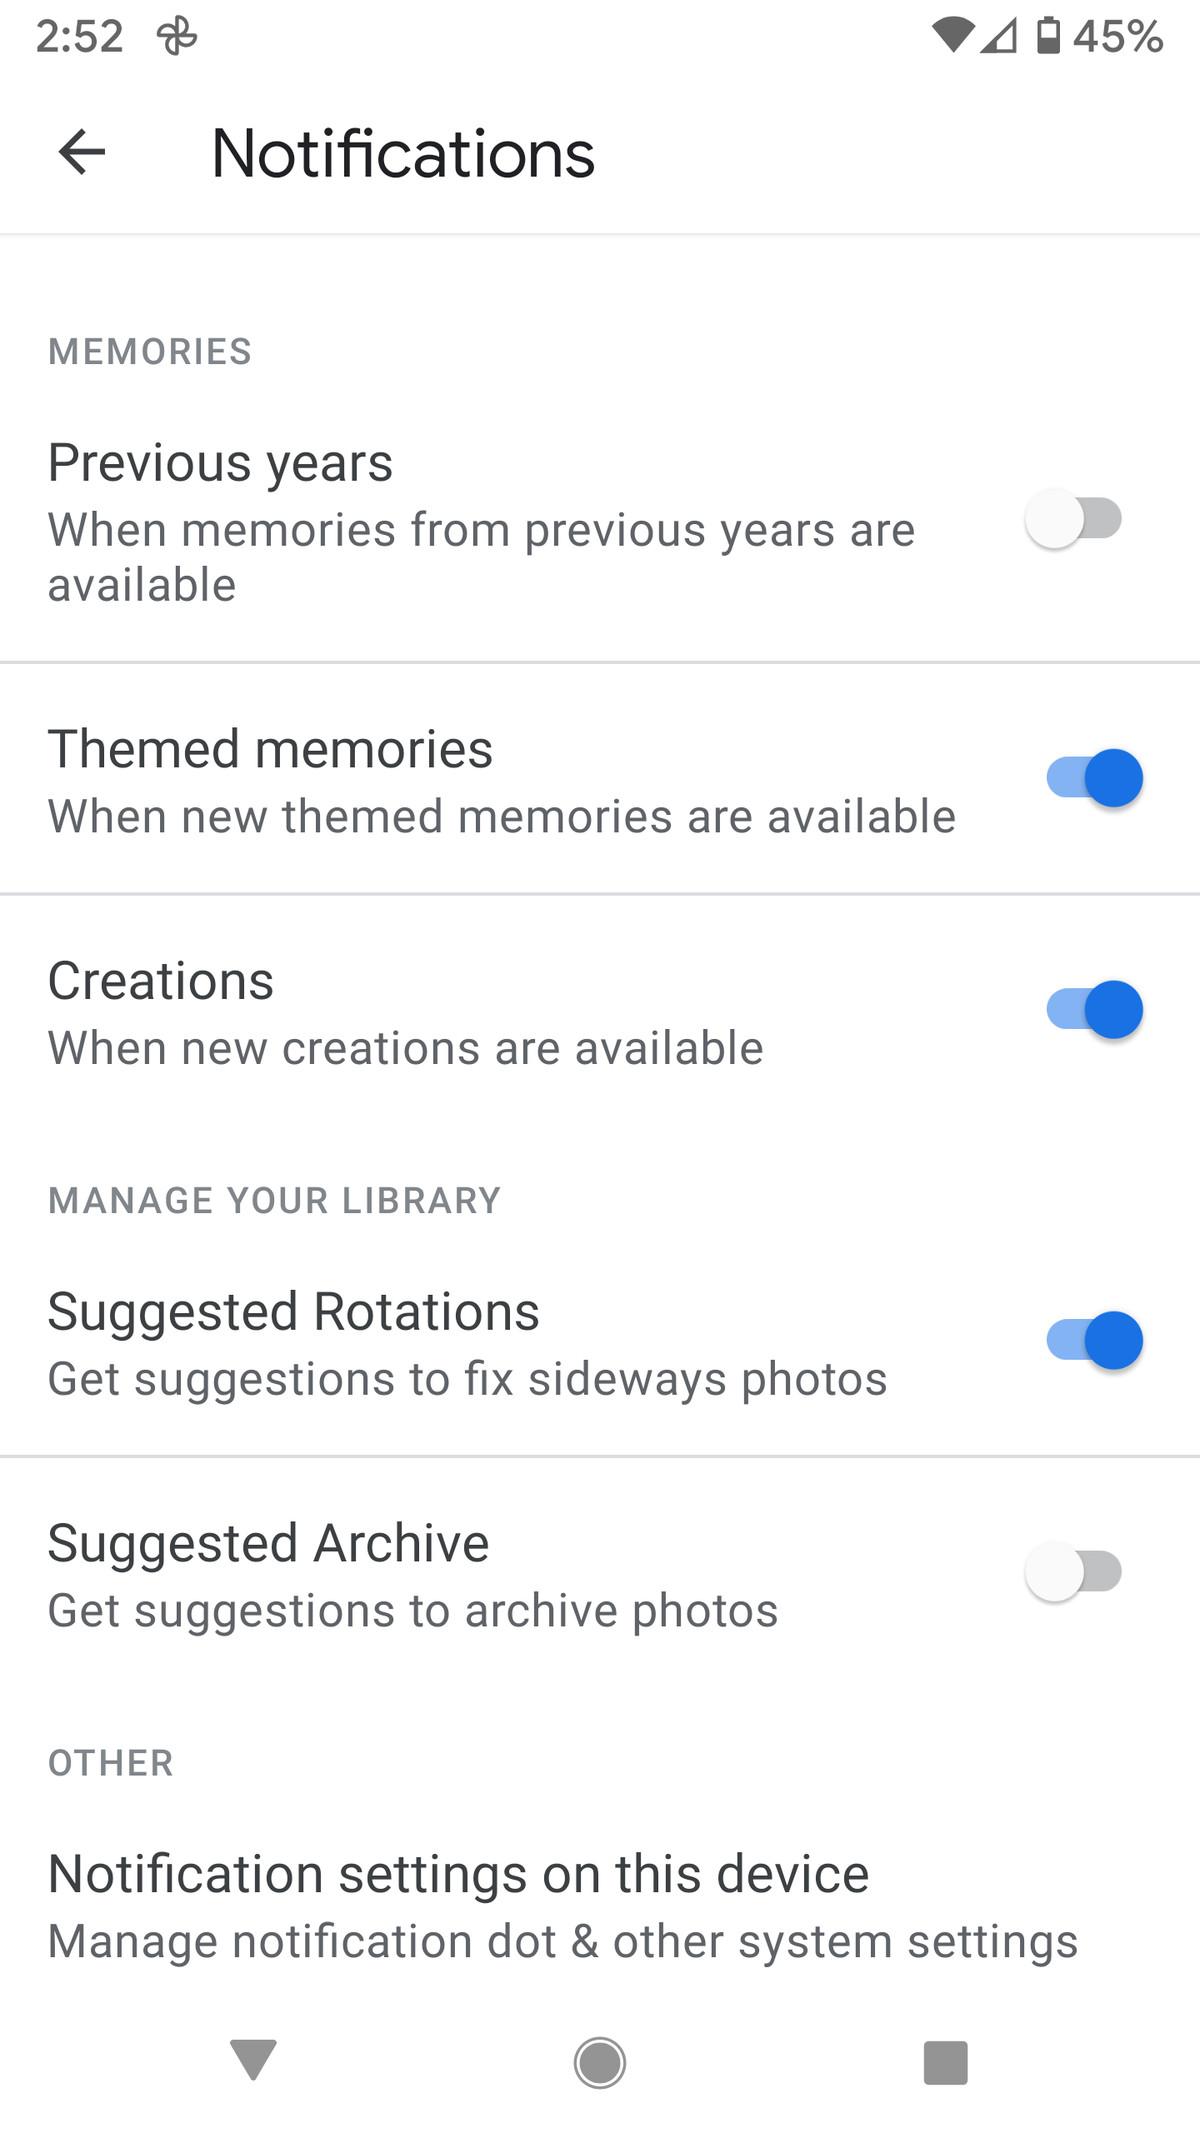 De asemenea, puteți alege când doriți să vedeți notificările Amintiri.